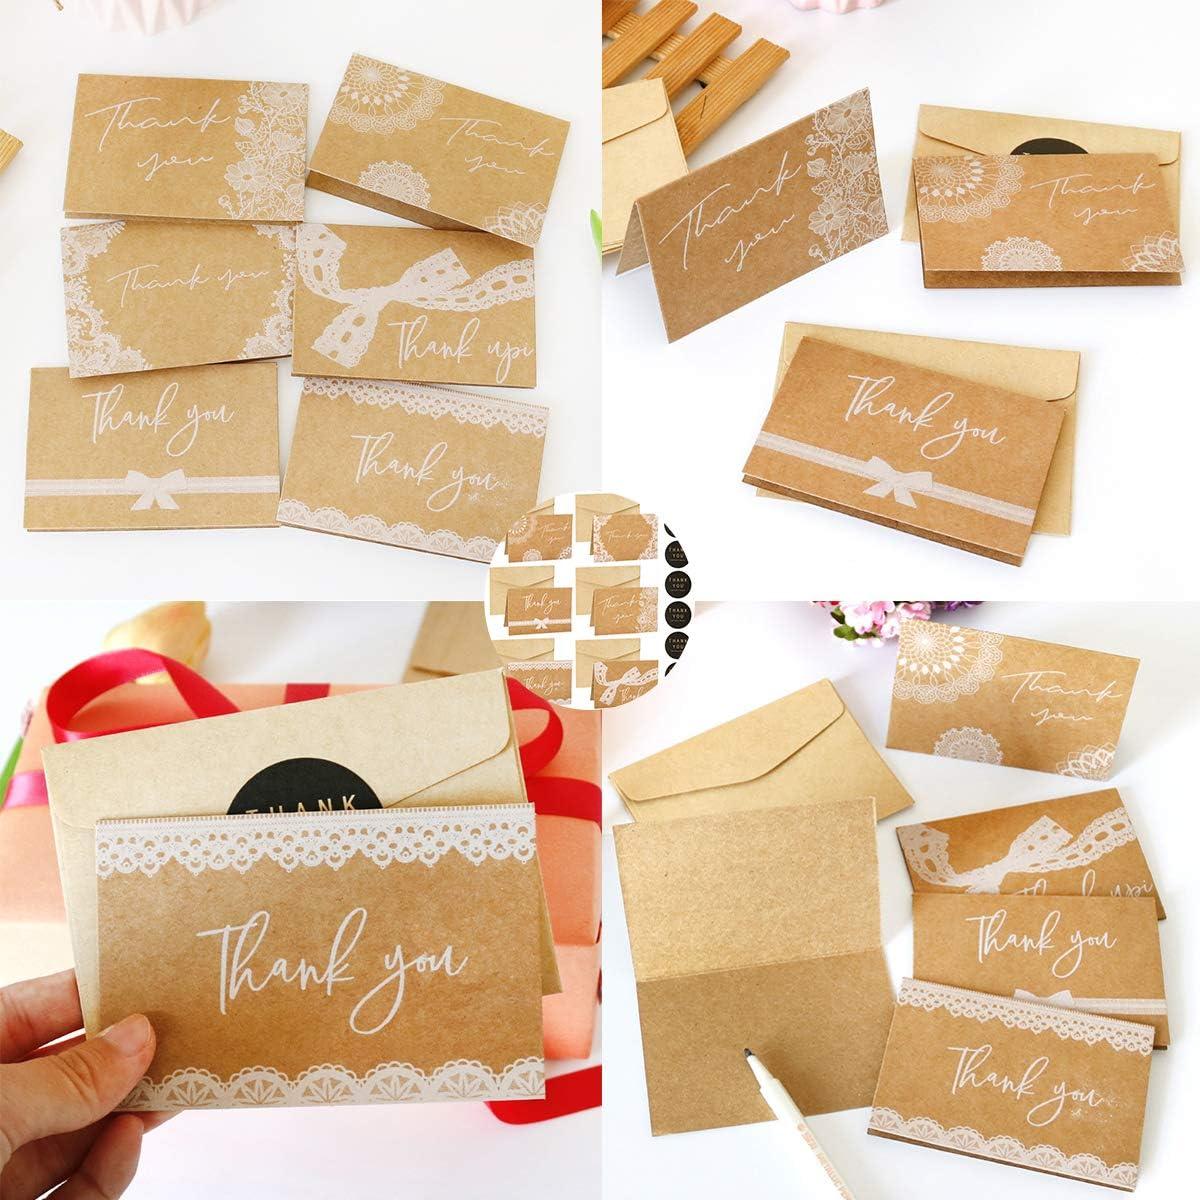 Vintage Briefpapier und Umschl/äge Set,Vintage Schreibwaren Sets,Vintage Schreiben Briefpapier,Vintage Briefpaier,Briefpapierset,f/ür Briefe,Geschenke,Liebesbrief